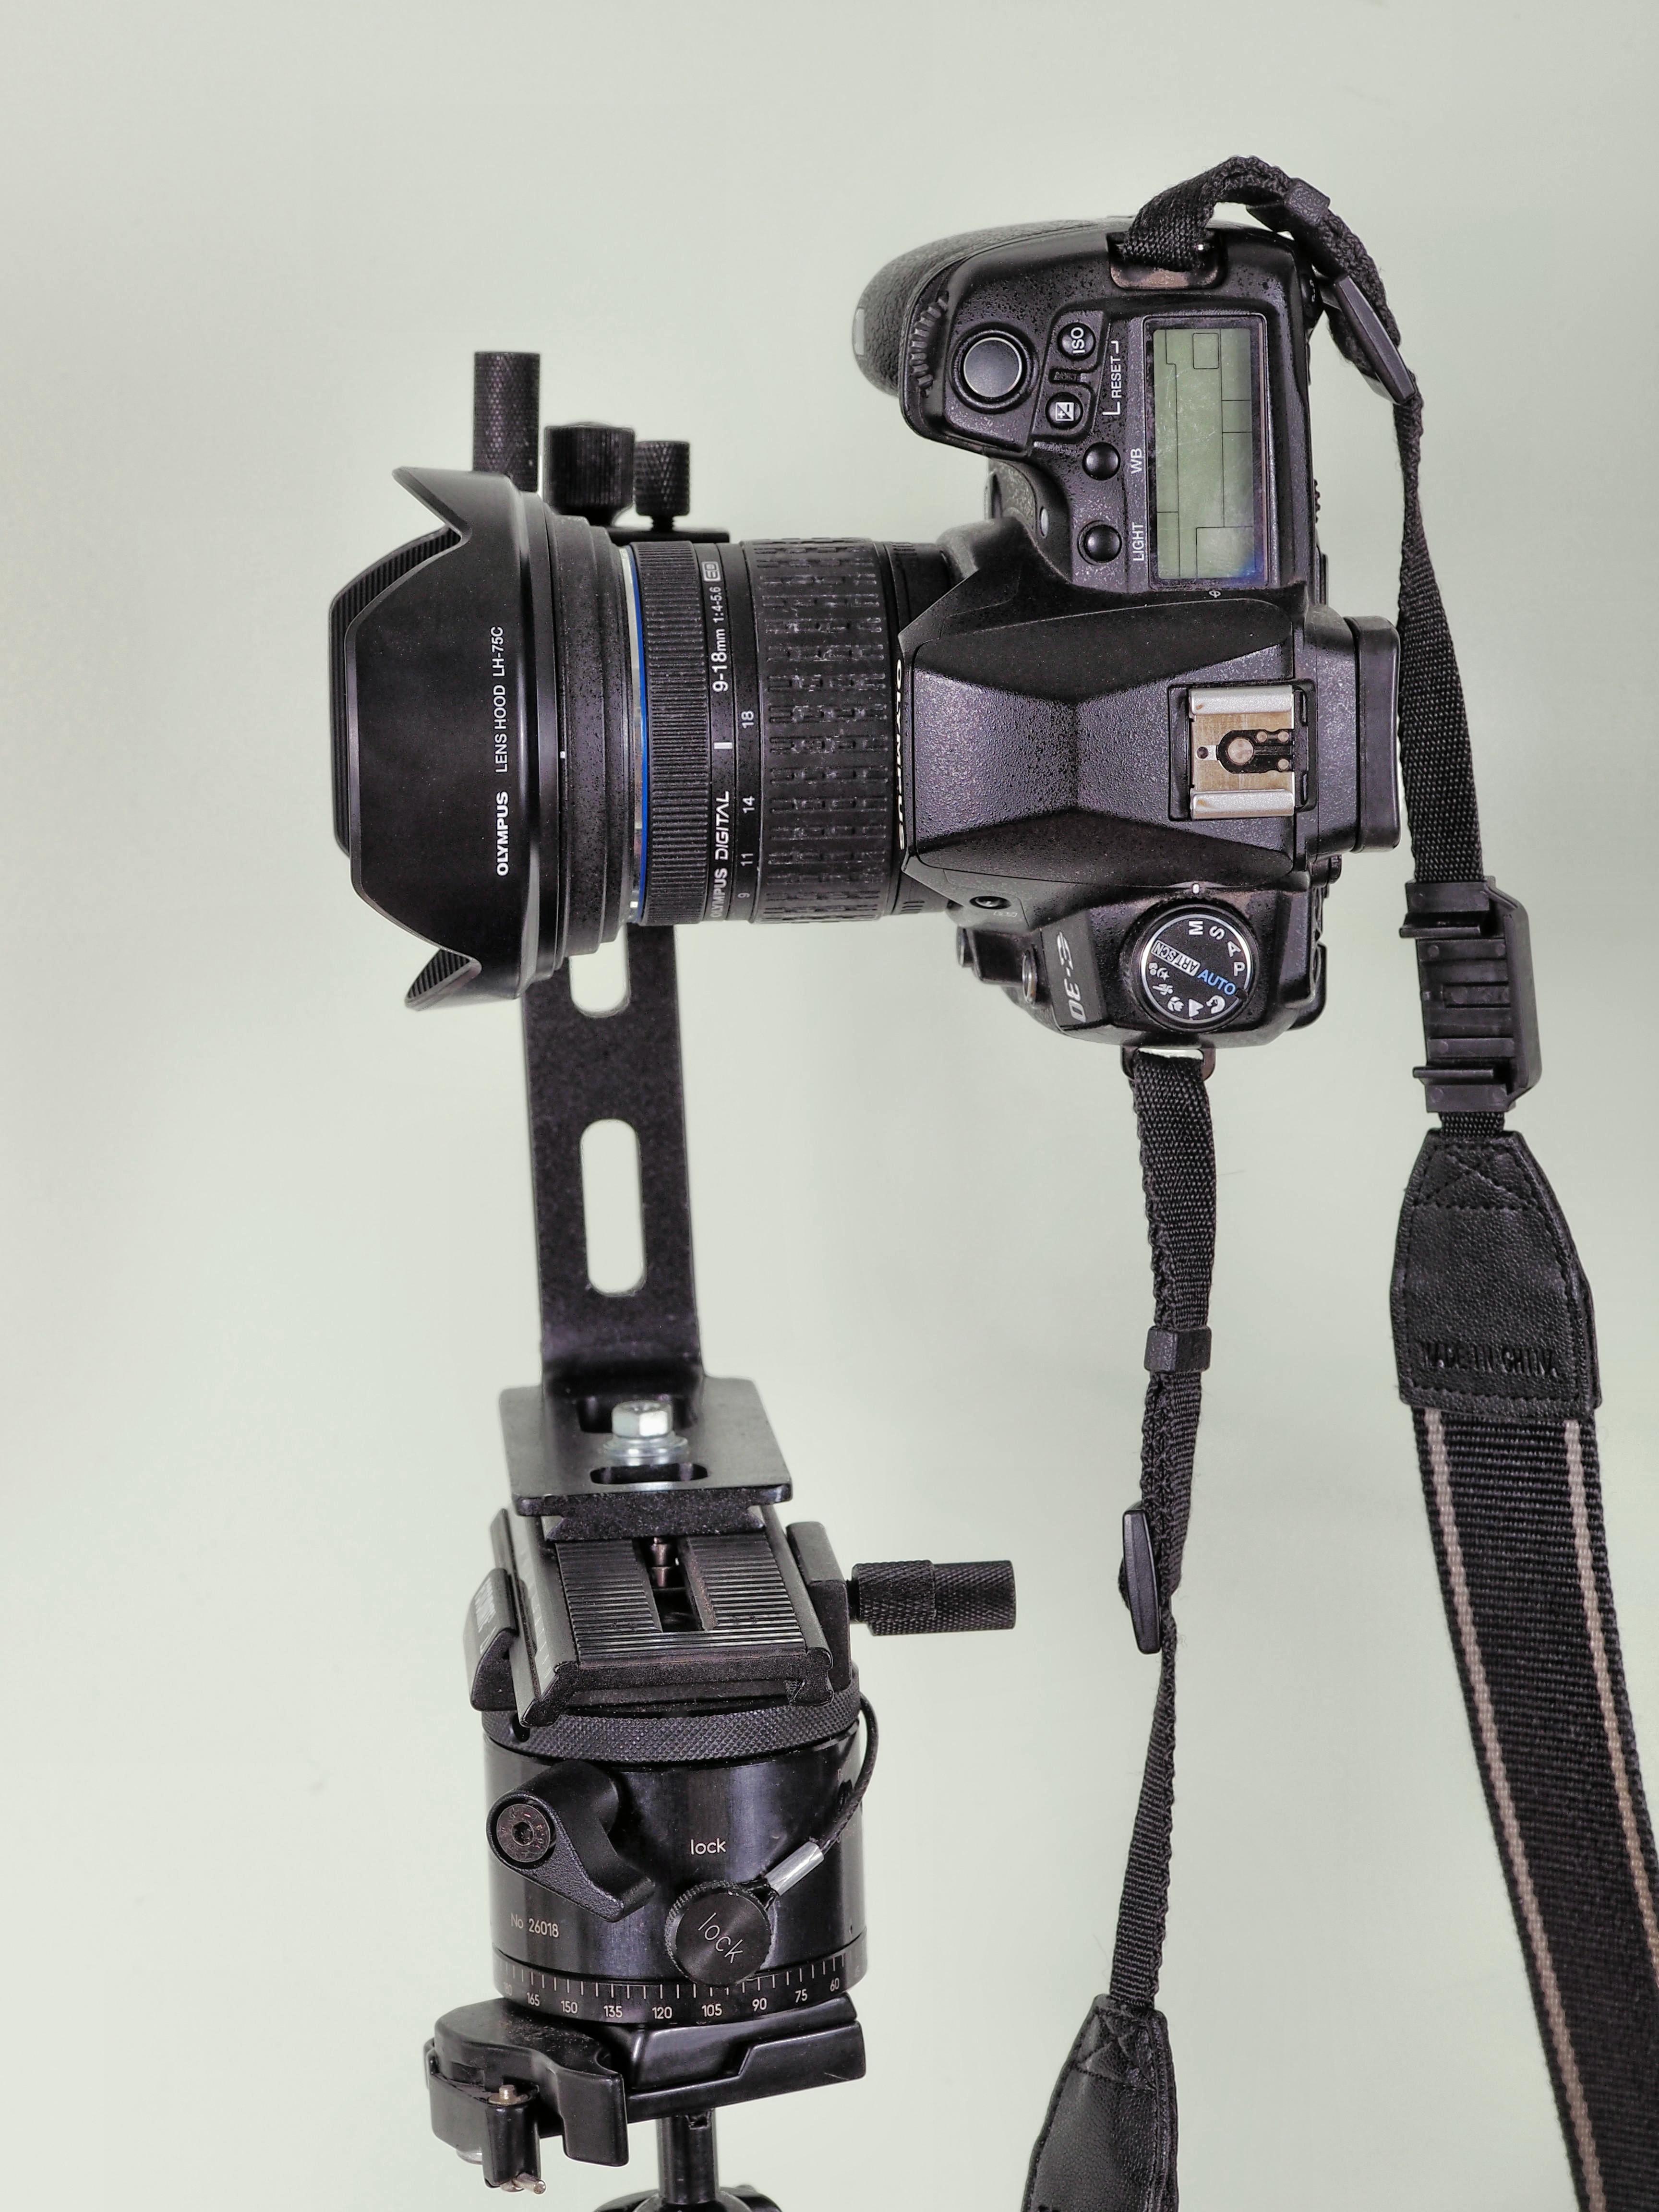 Pano-mount-8.jpeg